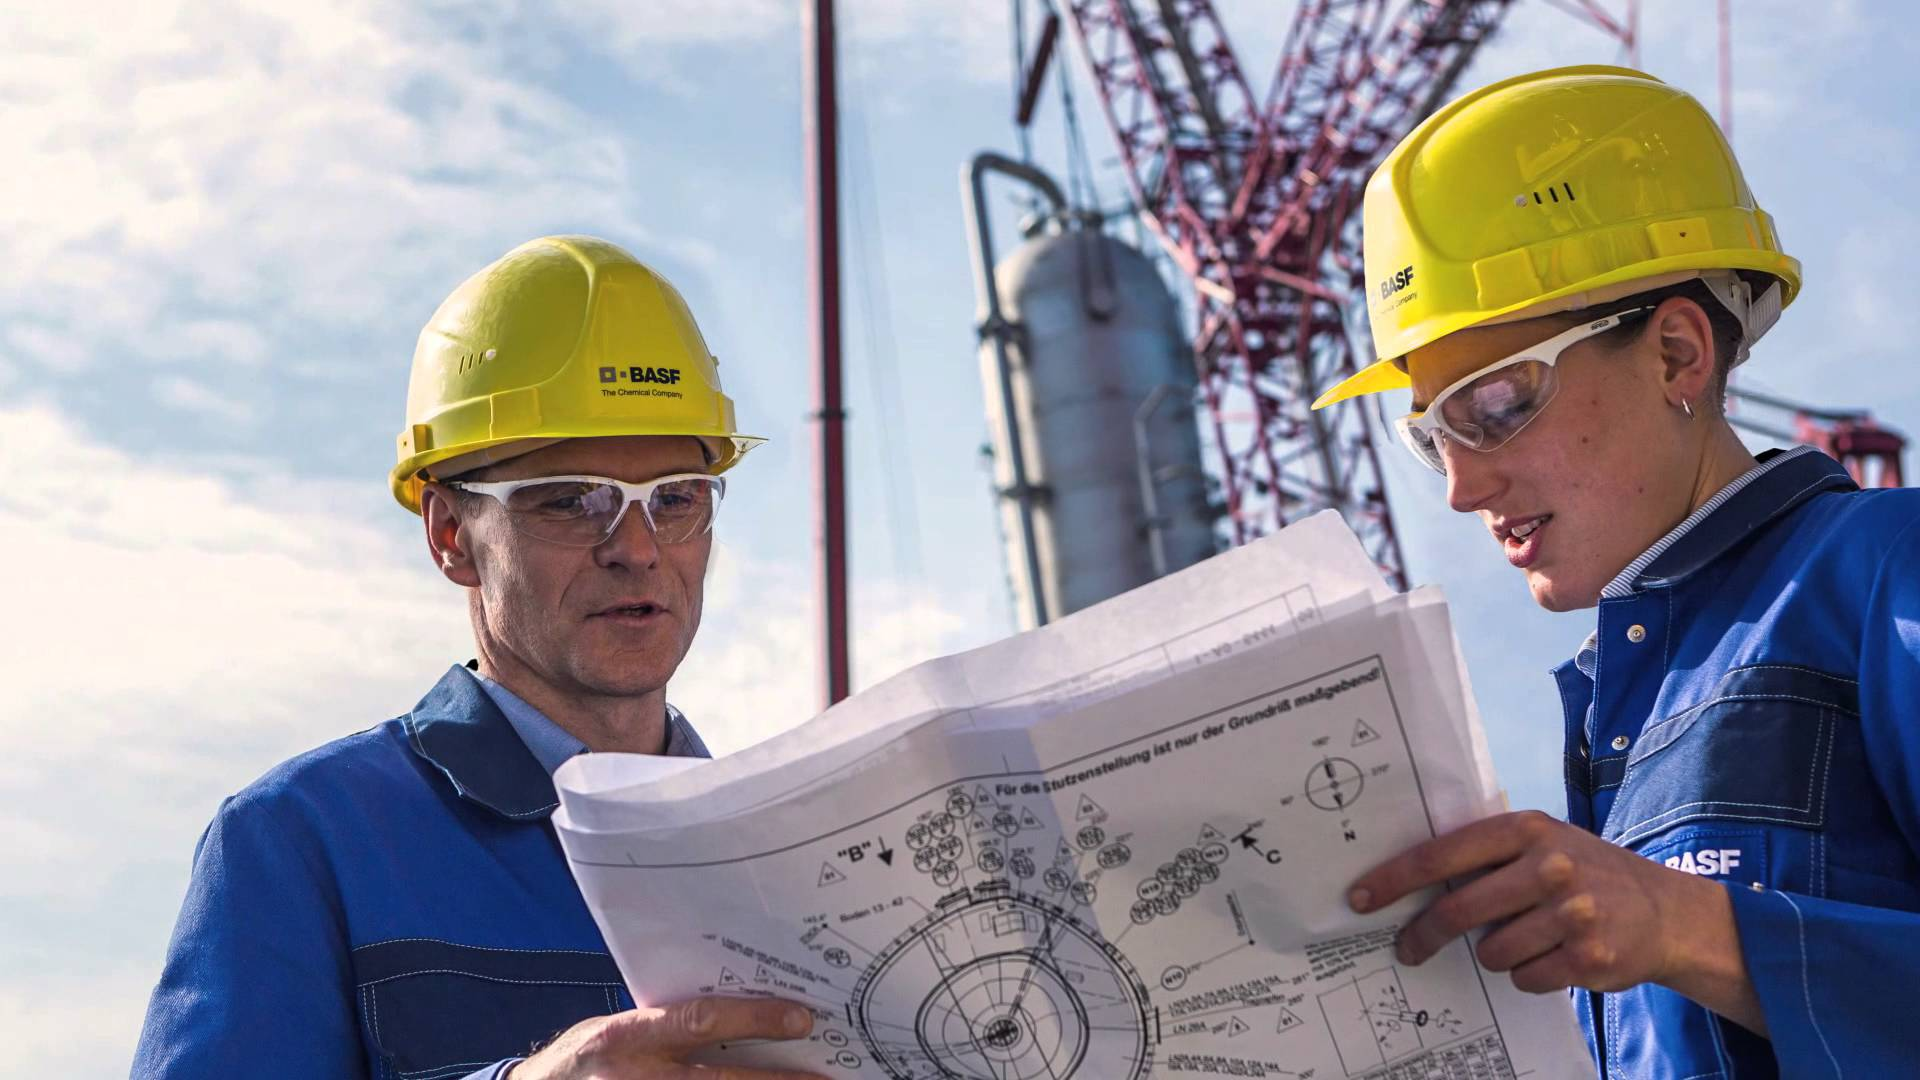 Será que vale a pena ser um(a) engenheiro(a)?